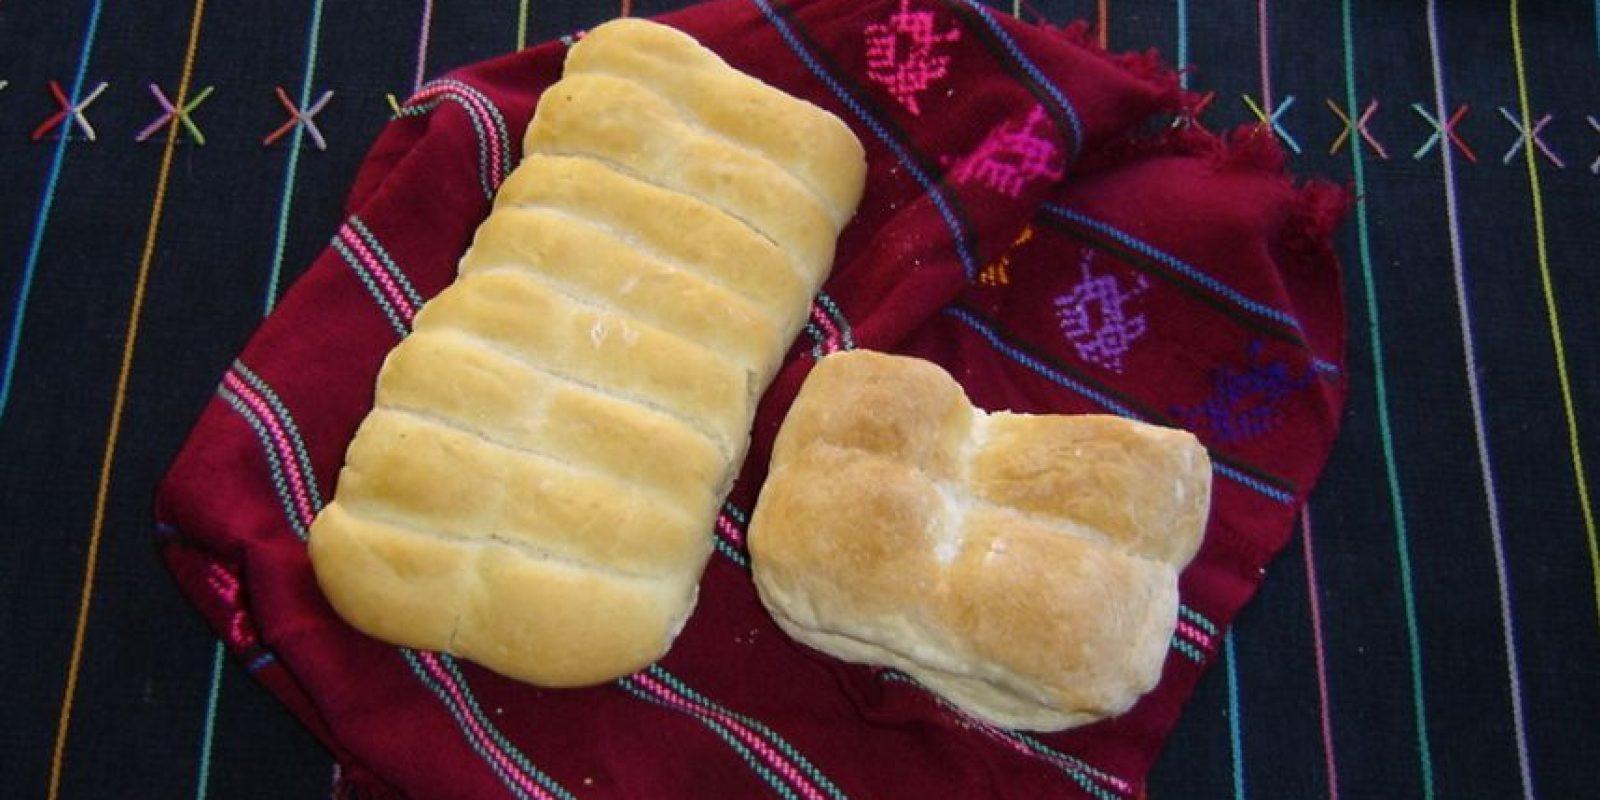 """Cosas tan comunes para los guatemaltecos como la """"Quetzalteca especial"""", el Mercado Central, el pan francés, los """"chicotes"""" o los """"elotes locos"""" son mencionados en la encuesta. Foto:Publinews"""